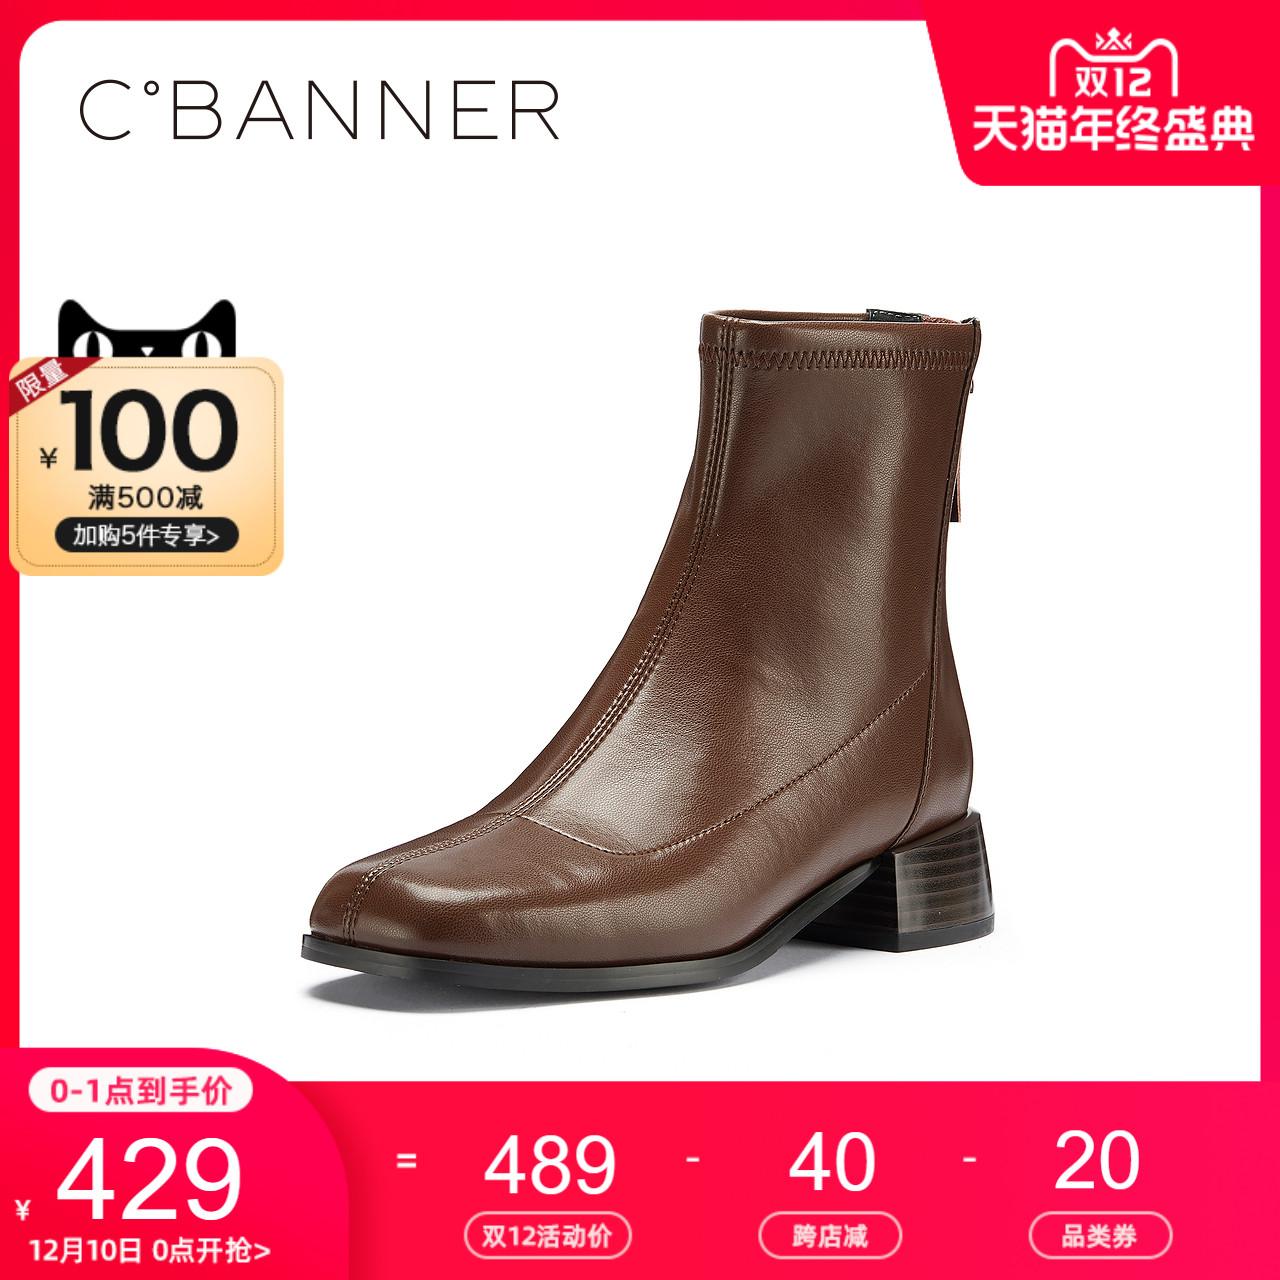 方头粗方跟时尚中跟女靴 新款靴子欧美简约短靴 2020 千百度女鞋